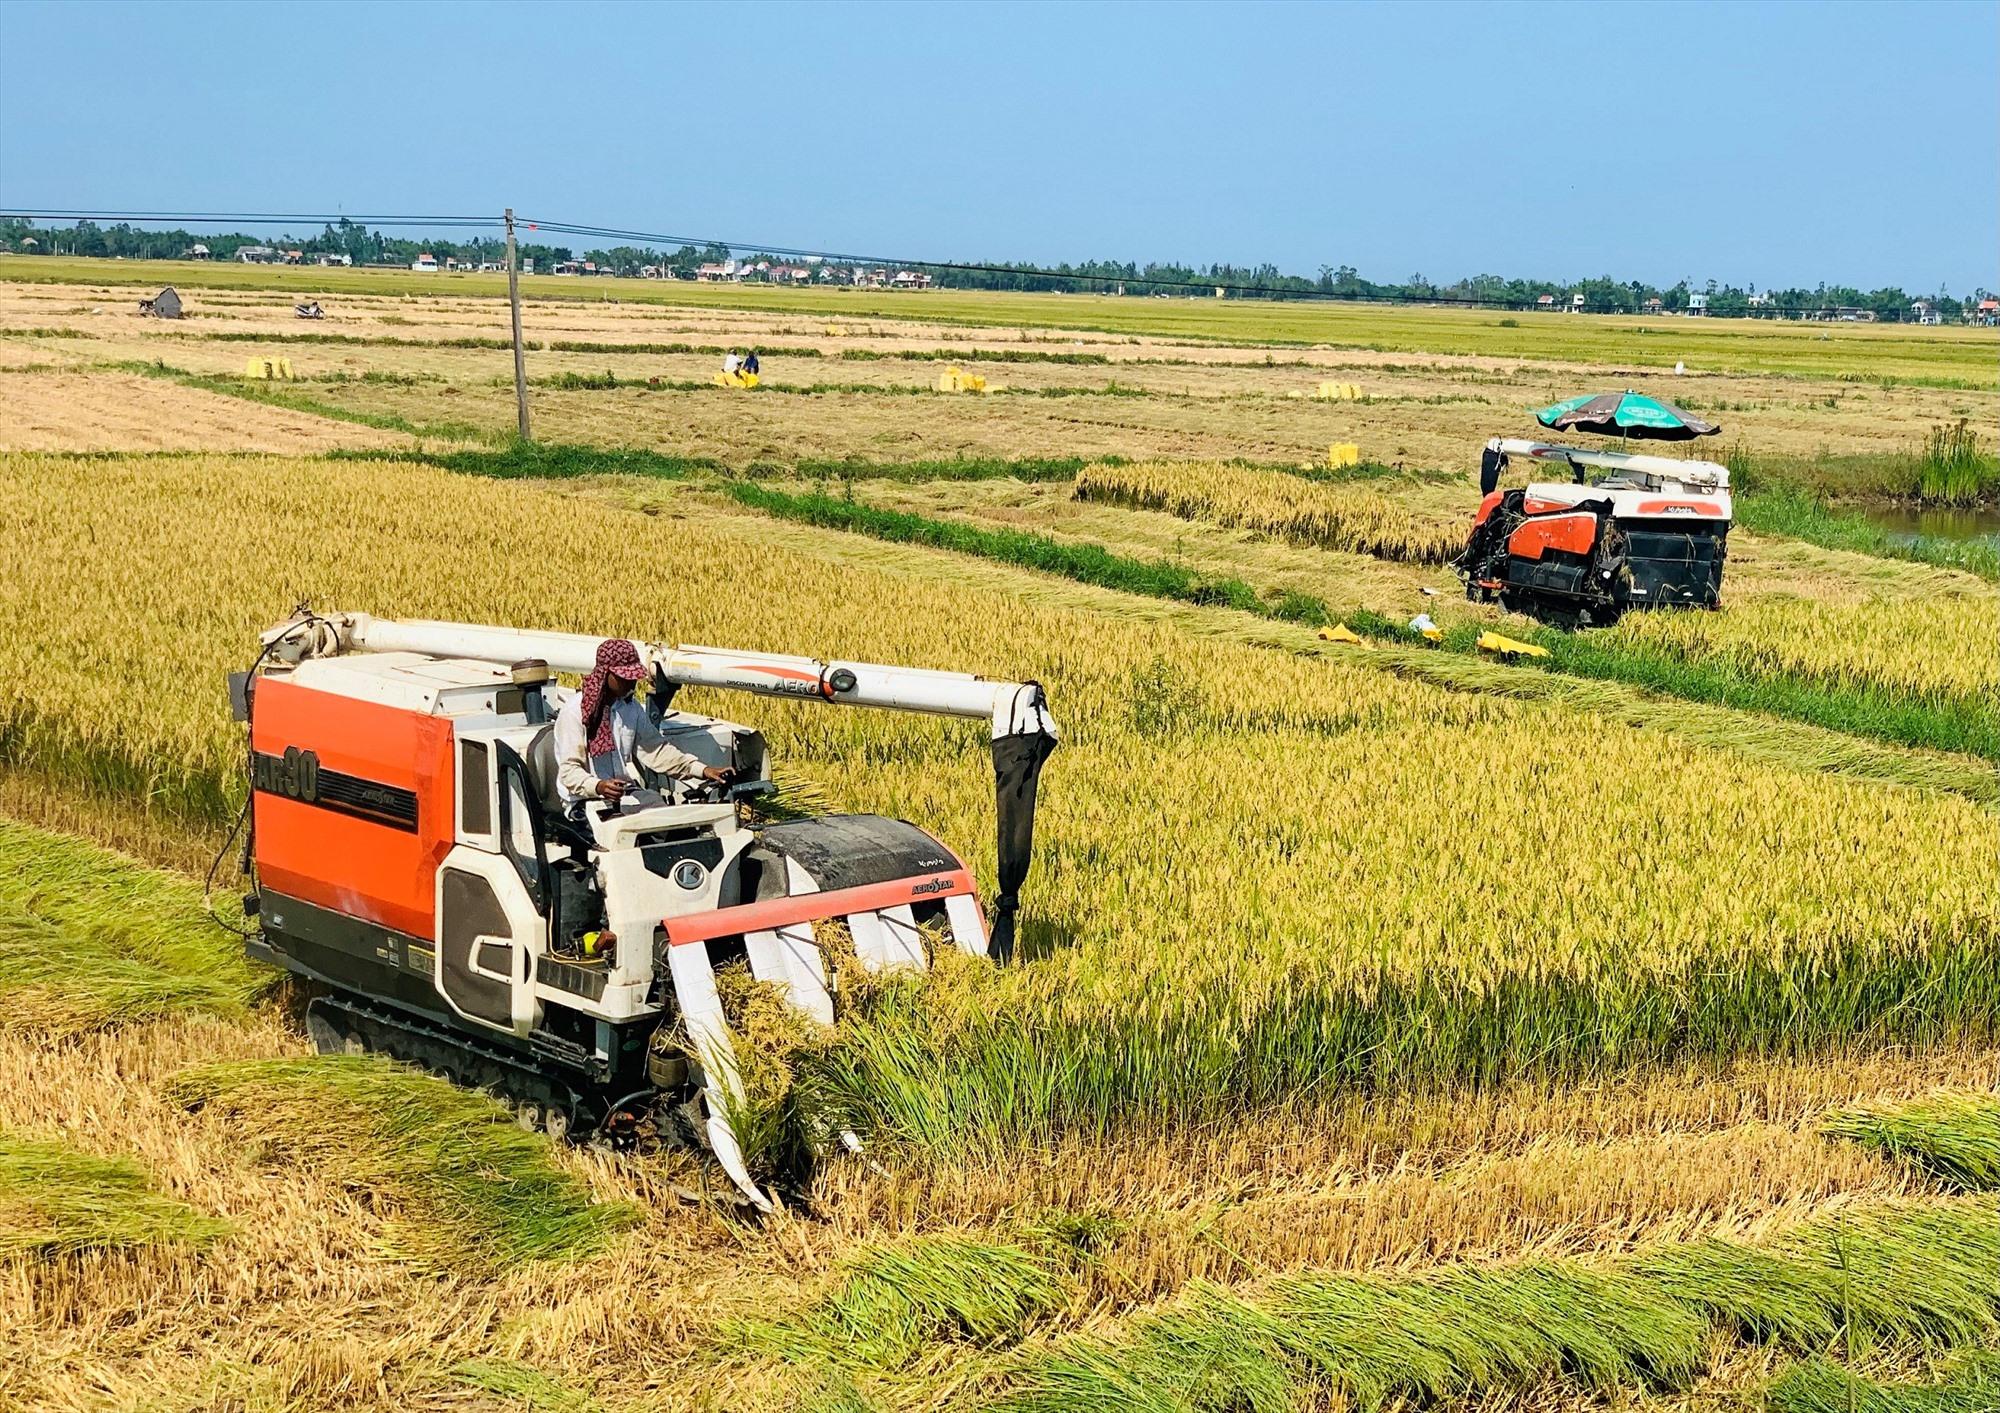 Thời gian tới, tỉnh sẽ duy trì và phát triển mô hình liên kết sản xuất lúa giống hàng hóa với quy mô diện tích ít nhất là 5.000ha/năm. Ảnh: MAI LINH